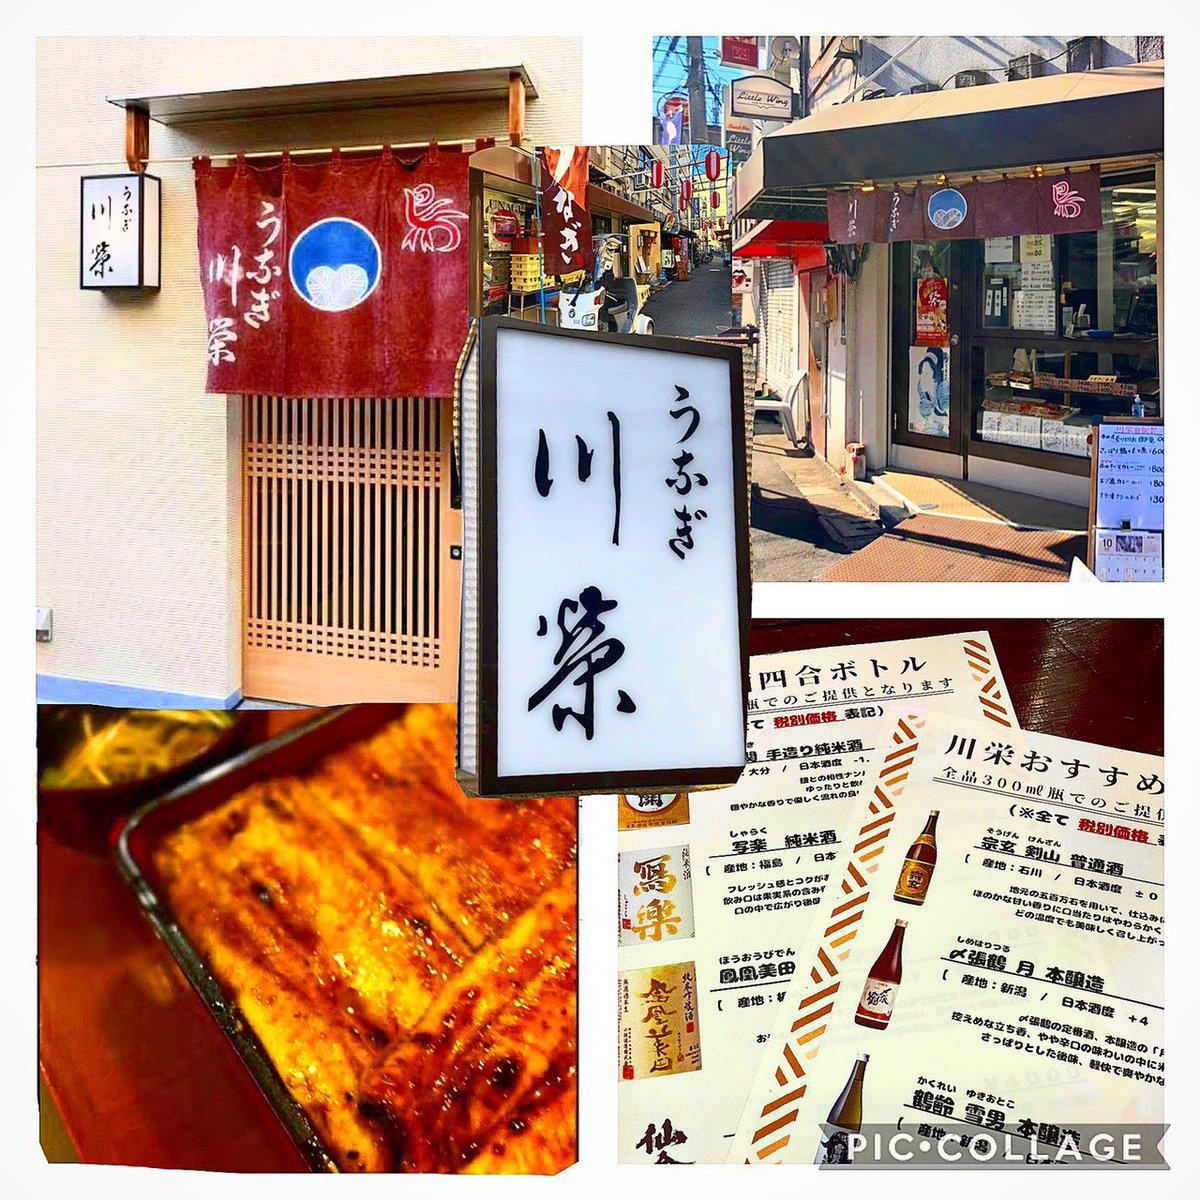 test ツイッターメディア - いつもお世話になっている 赤羽の川栄さん‼️  三益酒店が選んだ日本酒を川栄さんでのめます!!  メニューも作成させて頂きました(^-^)  川栄さんの美味しいうなぎと三益のうなぎに合うセレクトを是非ご堪能下さい✨😊 https://t.co/a84ZLP3Eio